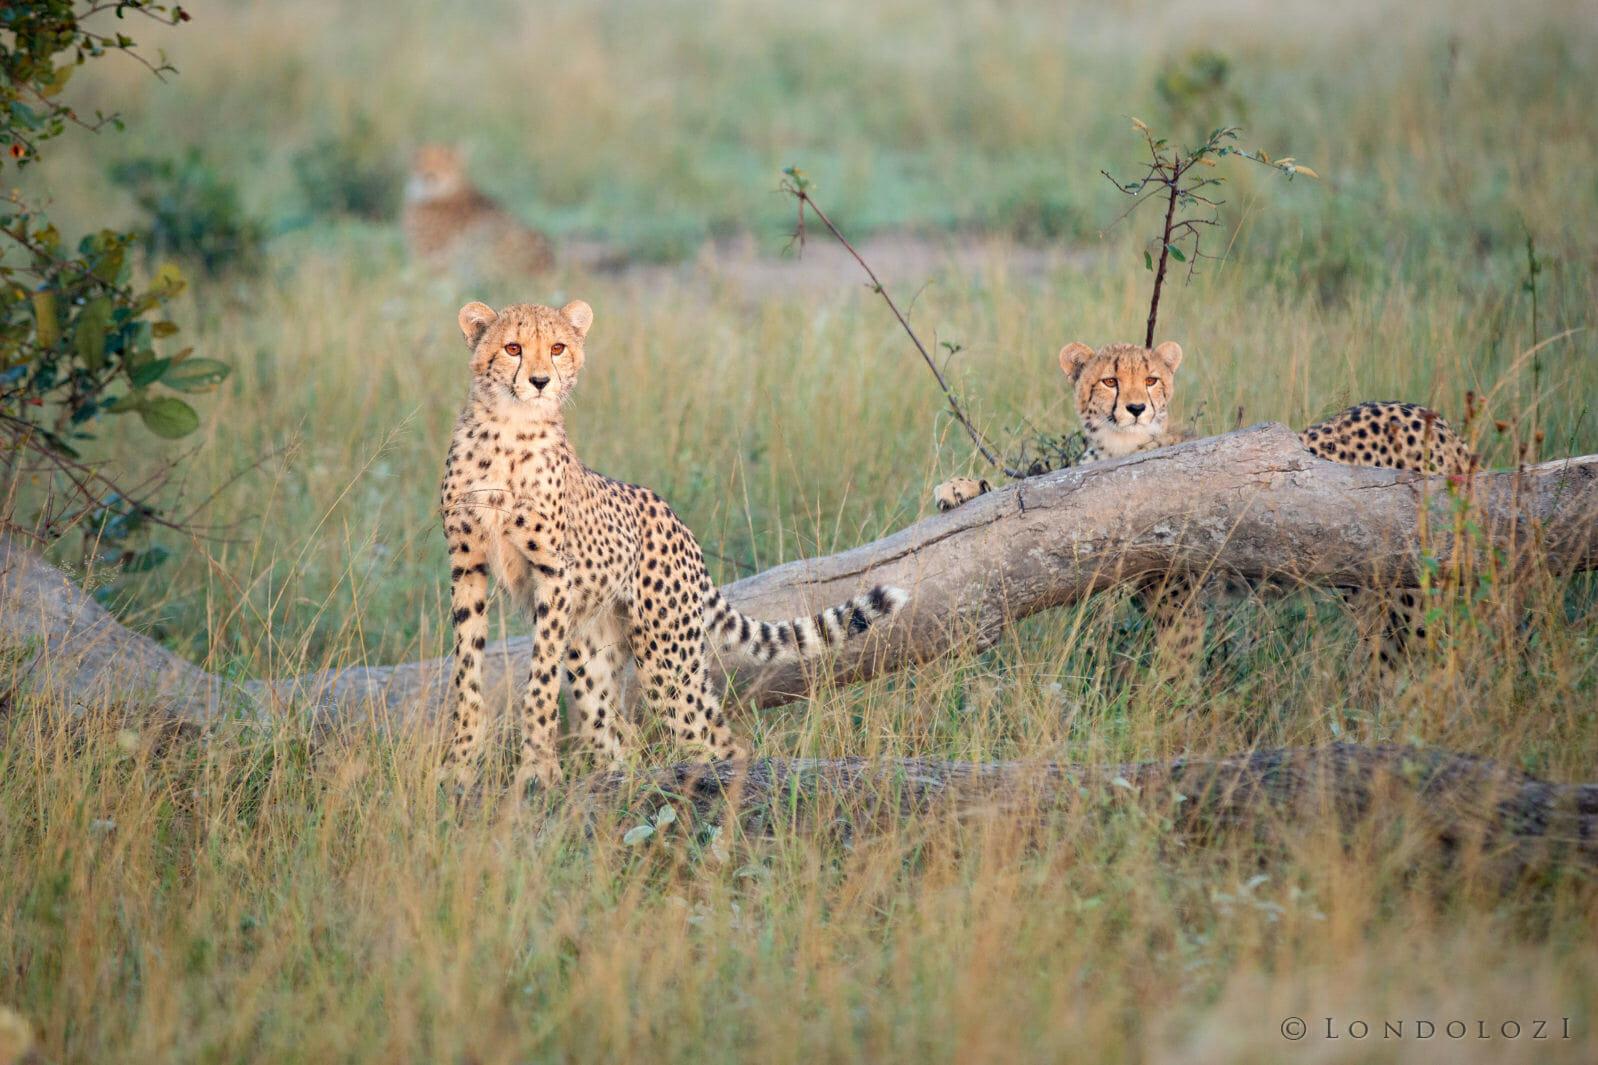 Female Cheetah Cubs Jt